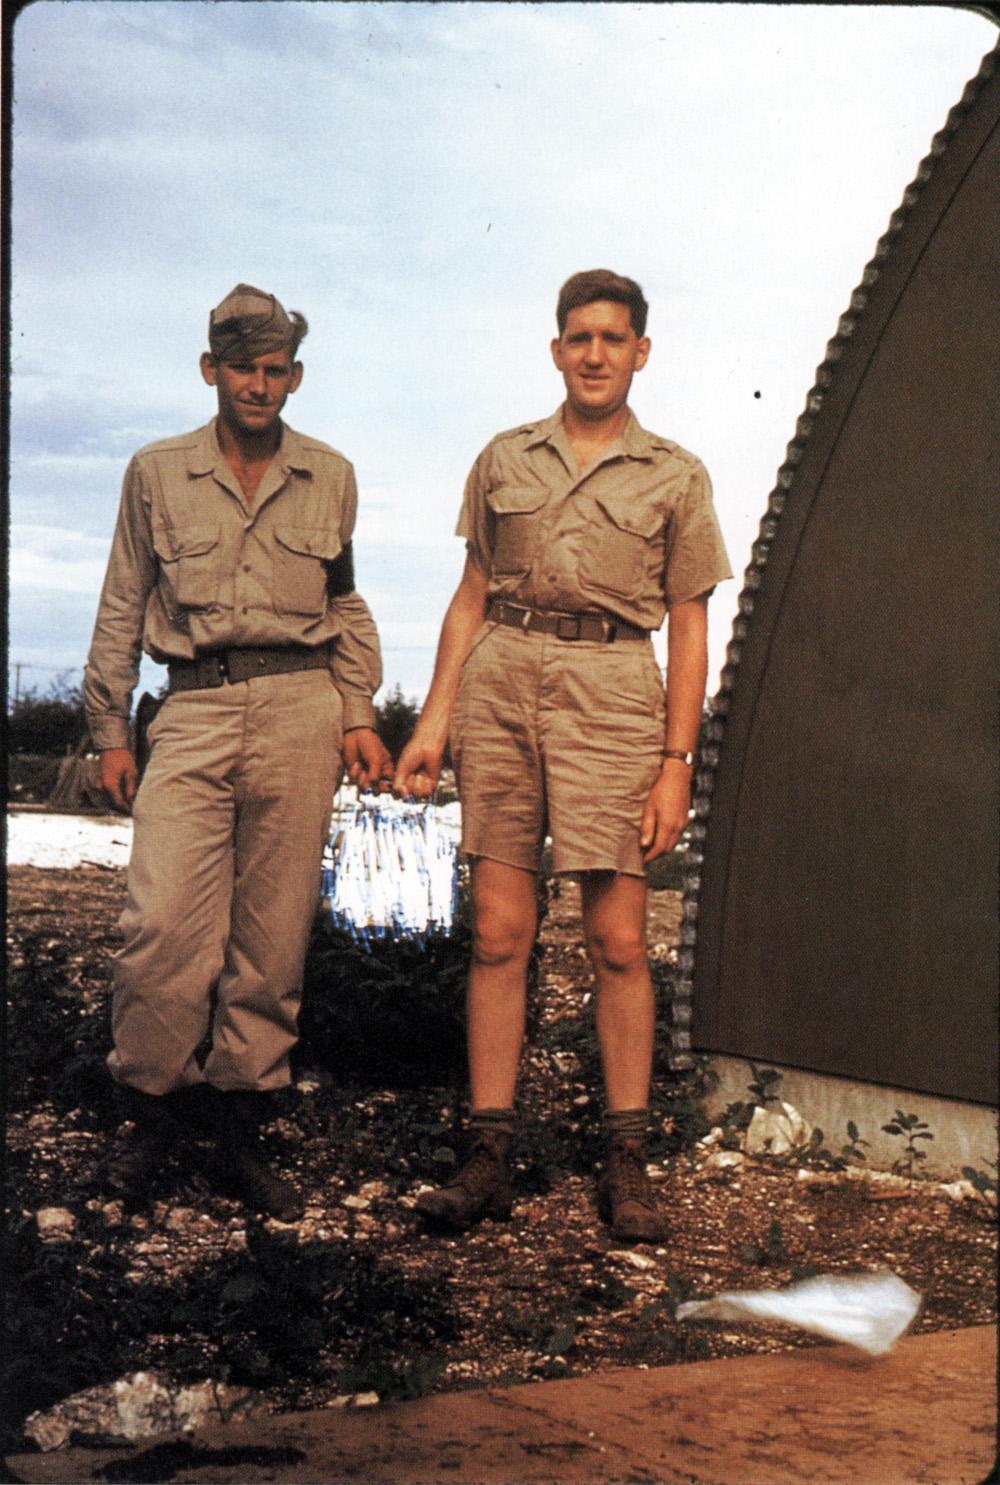 1945. Manhattan Project tudósok viszik a Nagasaki atombomba egyik egységét. A képet az amerikai titkosszolgálat cenzurázta..jpg